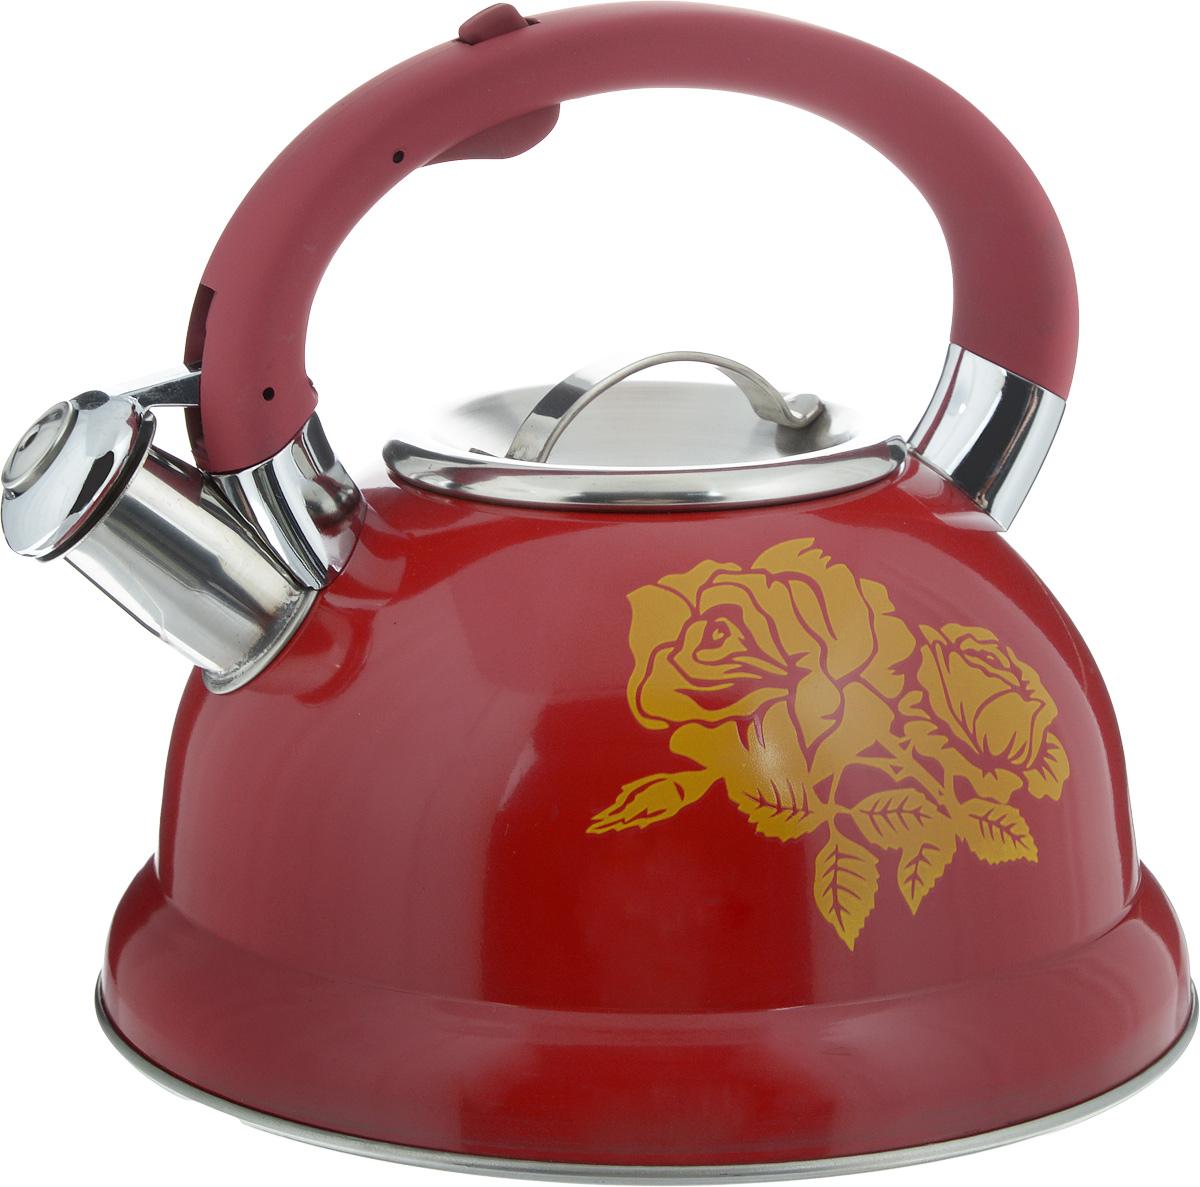 Чайник Mayer & Boch, со свистком, 2,6 л. 2241322413Чайник Mayer & Boch выполнен из высококачественной нержавеющей стали, что делает его гигиеничным и устойчивым к износу при длительном использовании. Нержавеющая сталь не окисляется и не впитывает запахи, напитки всегда ароматные и имеют настоящий вкус. Носик чайника оснащен насадкой-свистком, что позволит вам контролировать процесс подогрева или кипячения воды. Фиксированная ручка изготовлена из пластика. Эстетичный и функциональный, с красивым узором в виде роз, такой чайник будет оригинально смотреться в любом интерьере. Подходит для электрических, газовых, стеклокерамических и галогеновых плит. Не подходит для индукционных плит. Можно мыть в посудомоечной машине. Высота чайника (без учета ручки и крышки): 11 см. Высота чайника (с учетом ручки и крышки): 20 см.